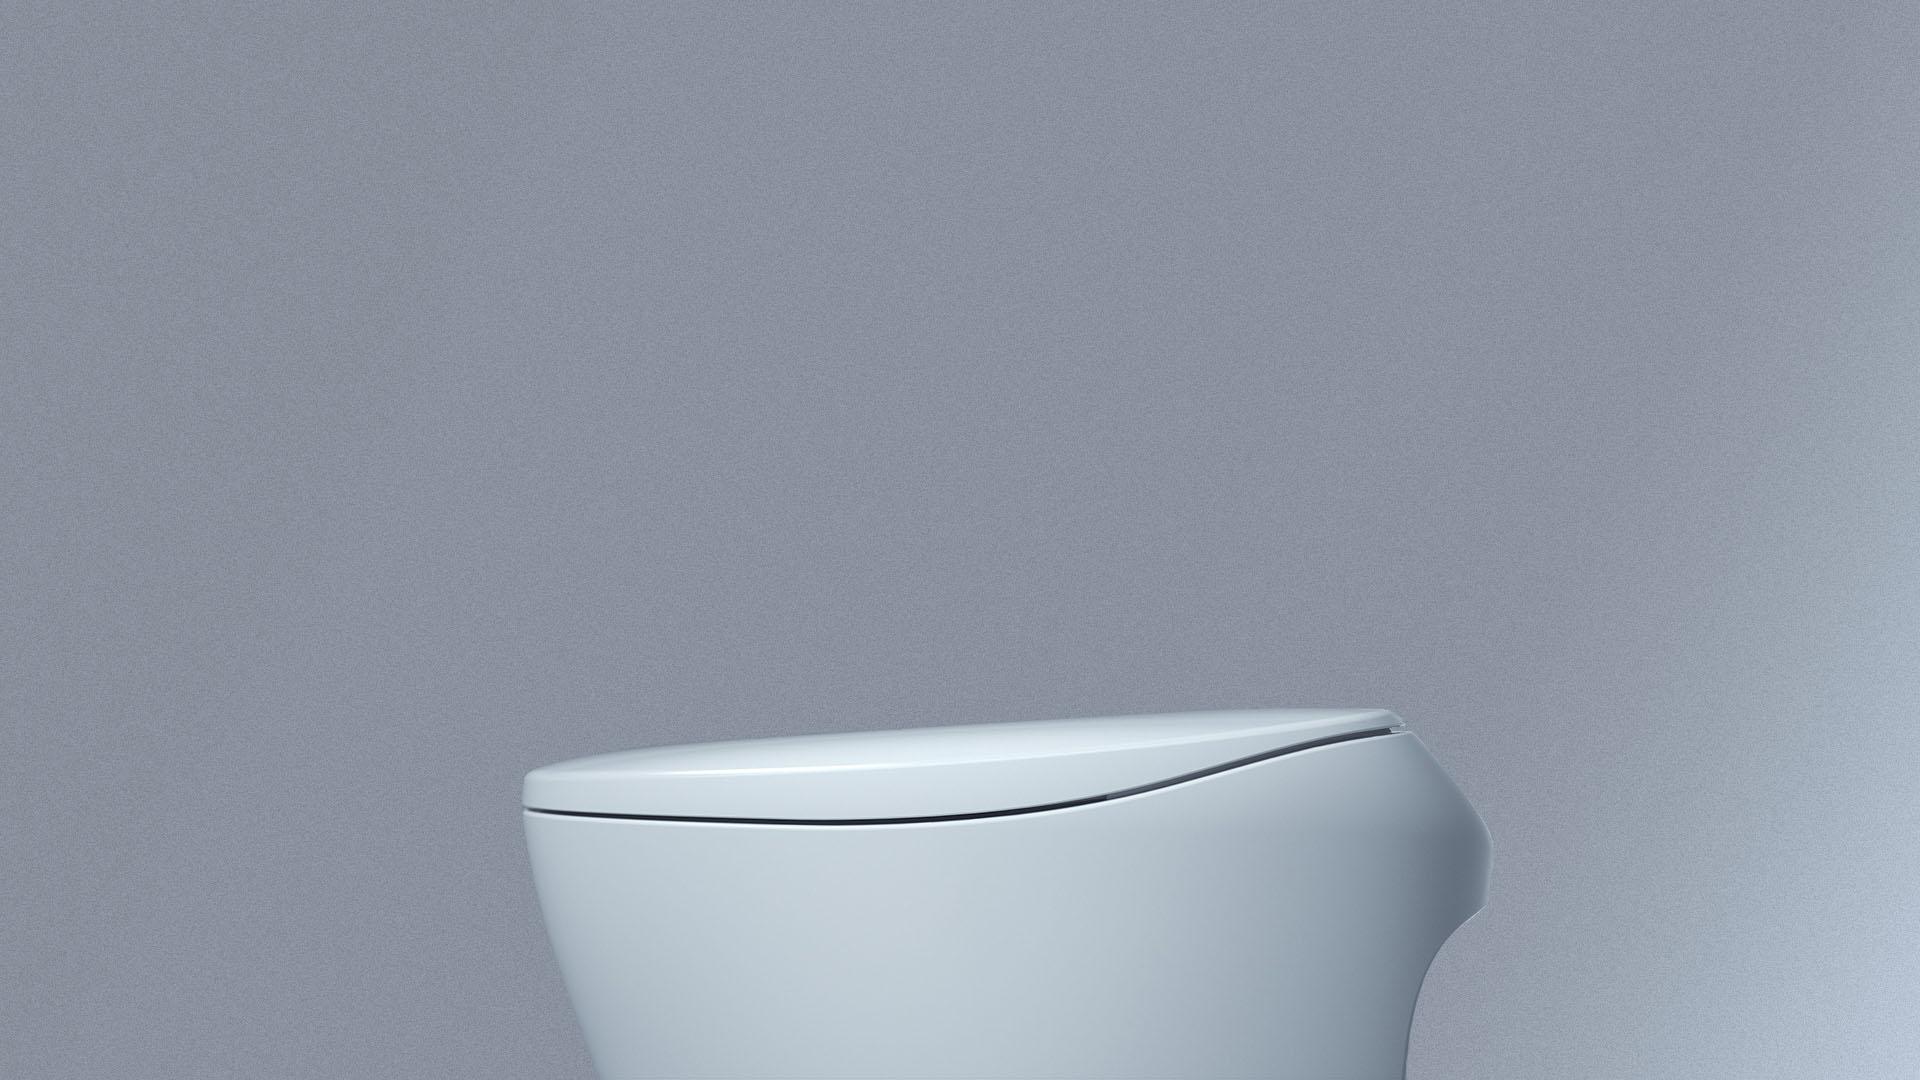 Voici les toilettes connectées de Xiaomi